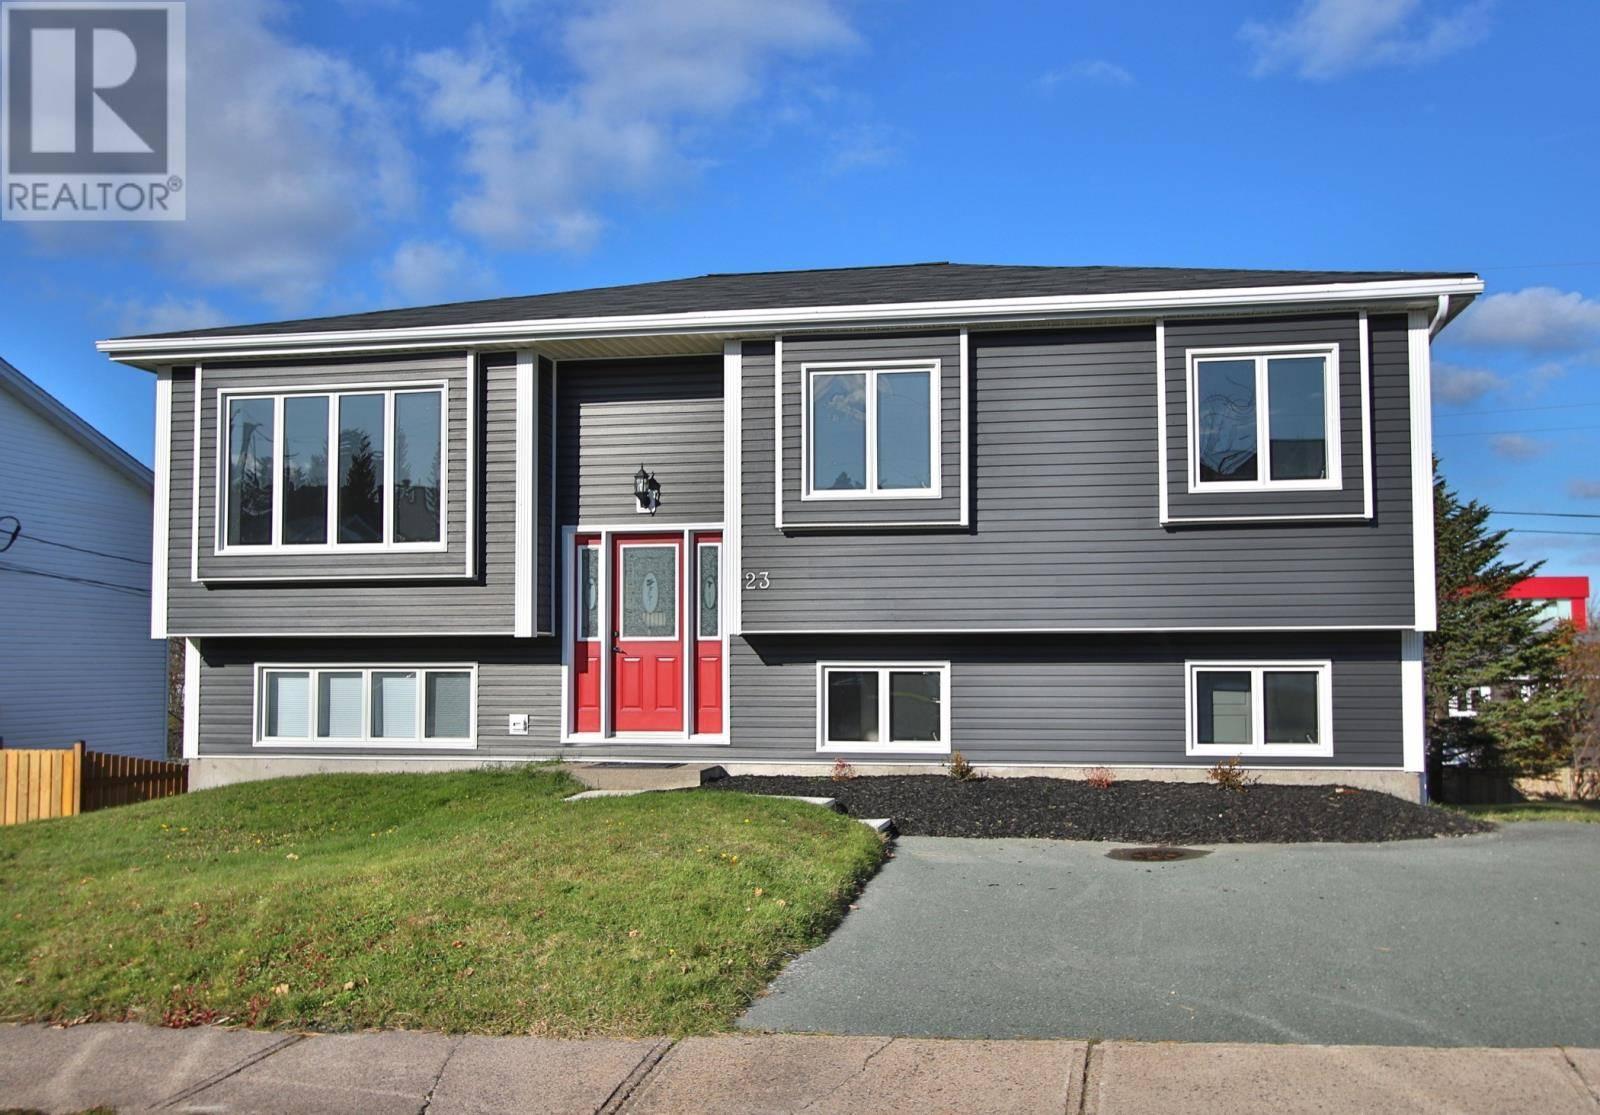 House for sale at 23 Bugler Pl St. John's Newfoundland - MLS: 1210096